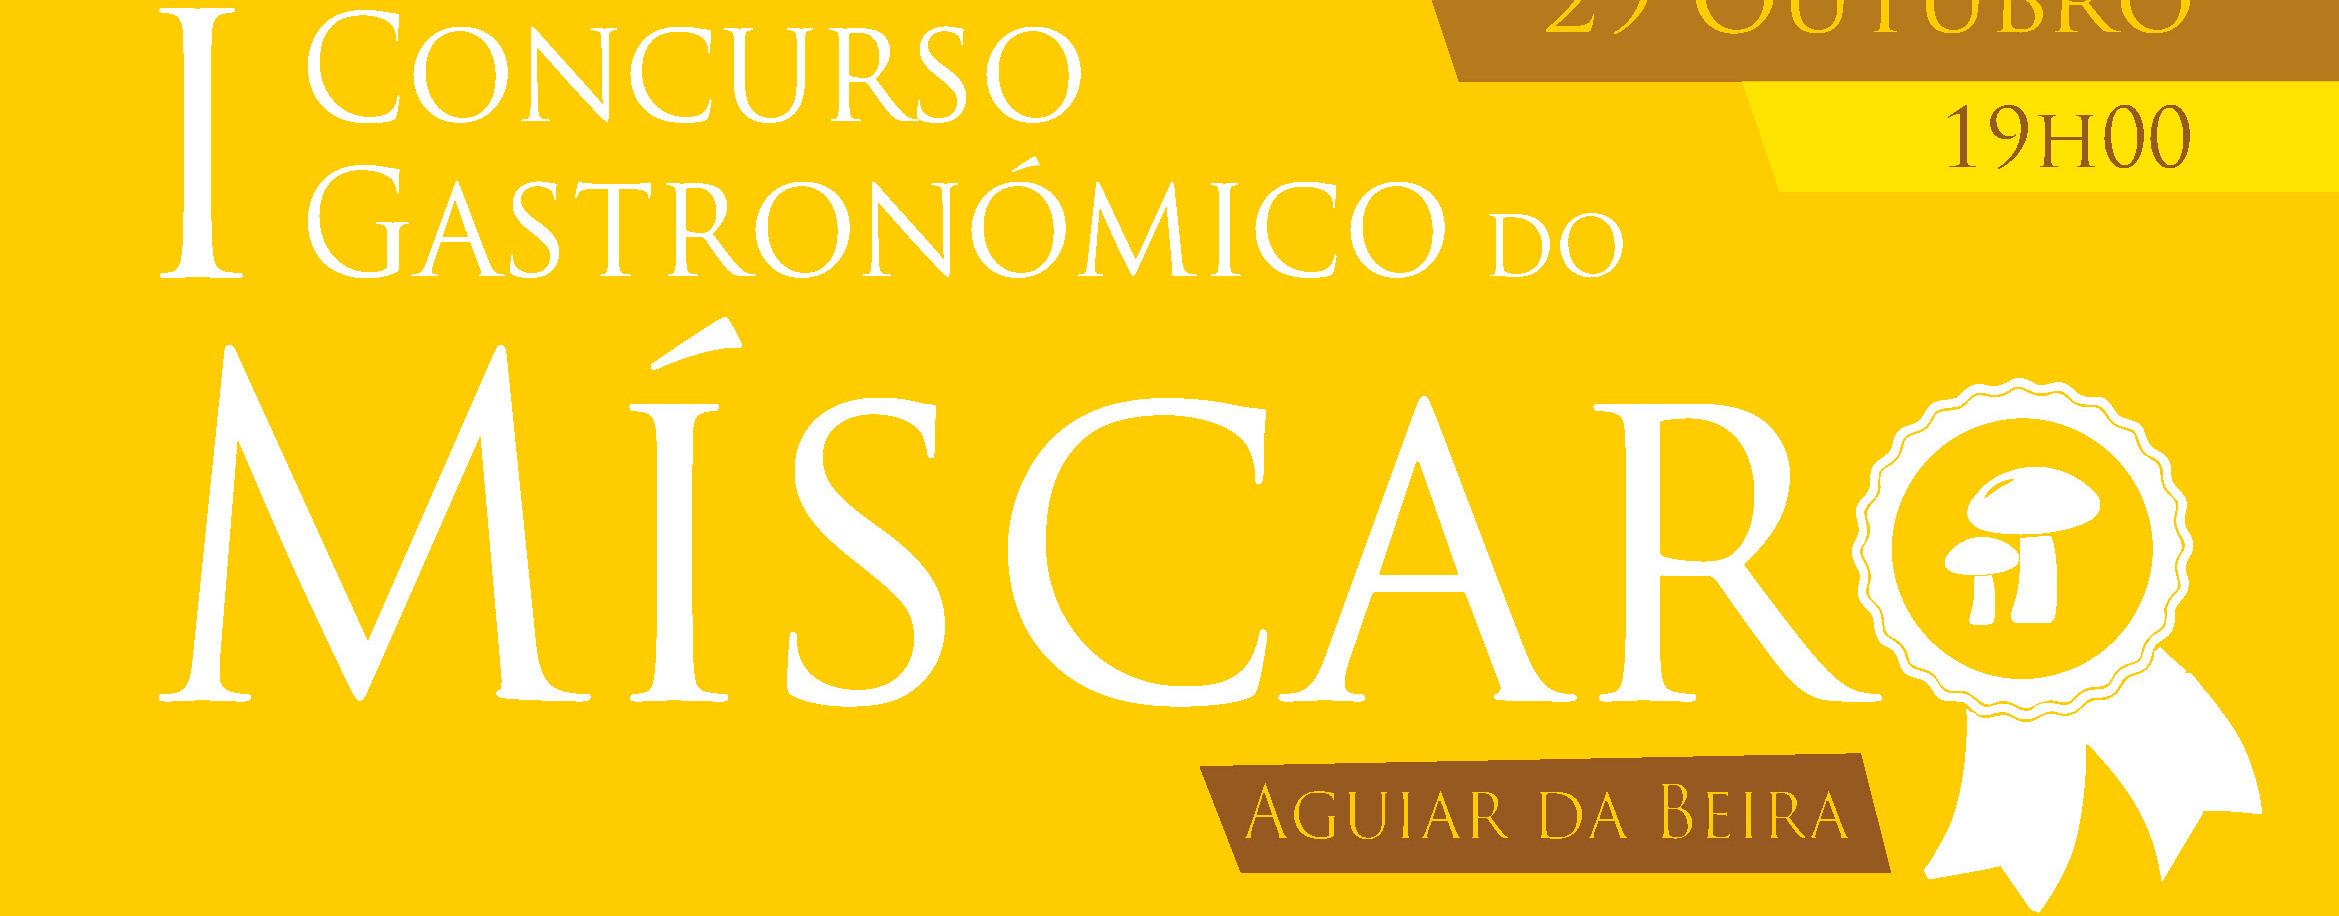 concurso-miscaro-2016-banner